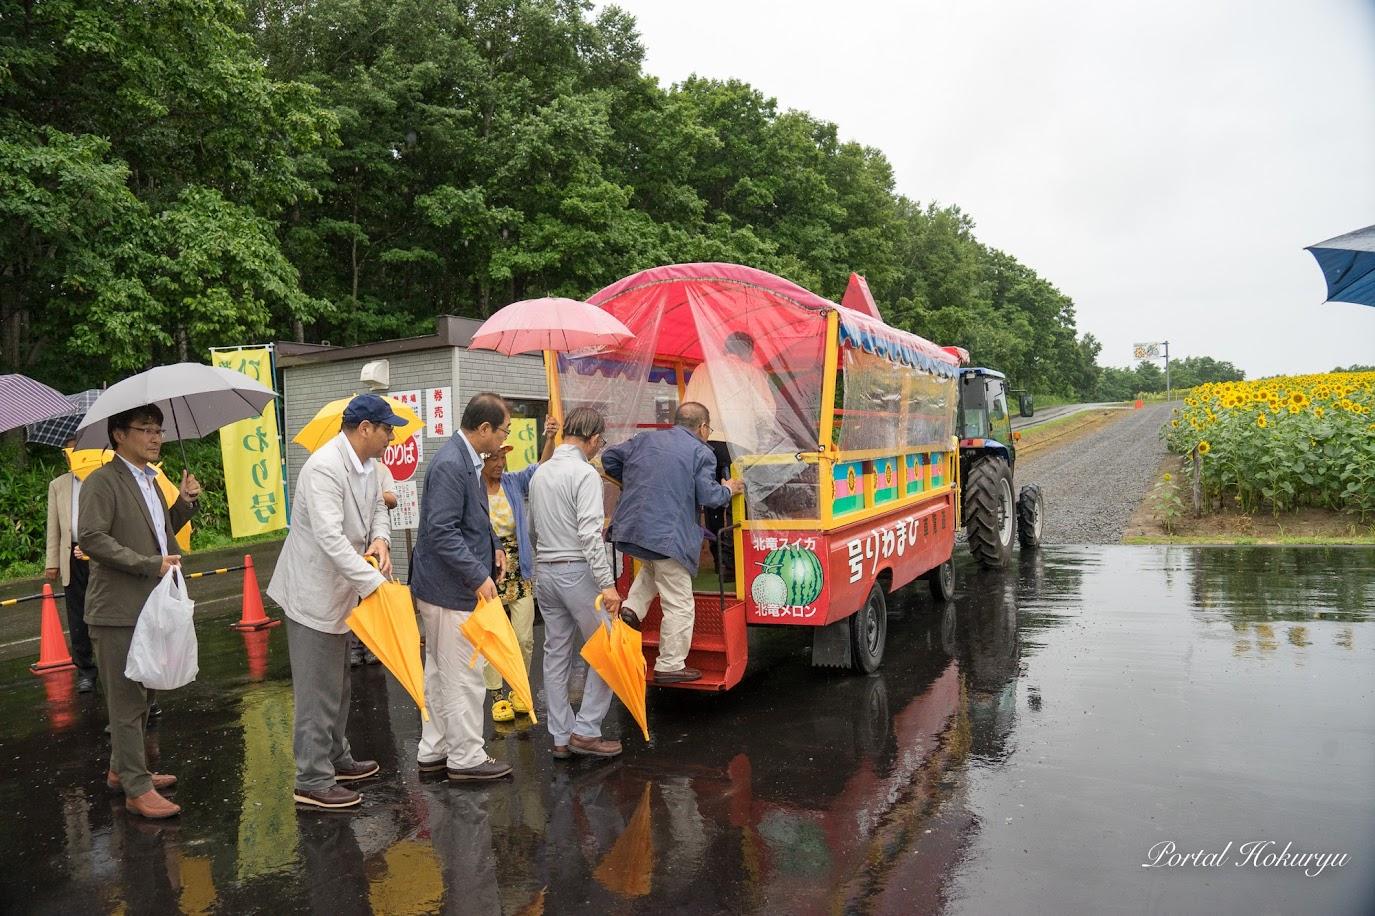 雨の中、遊覧車ひまわり号で周遊